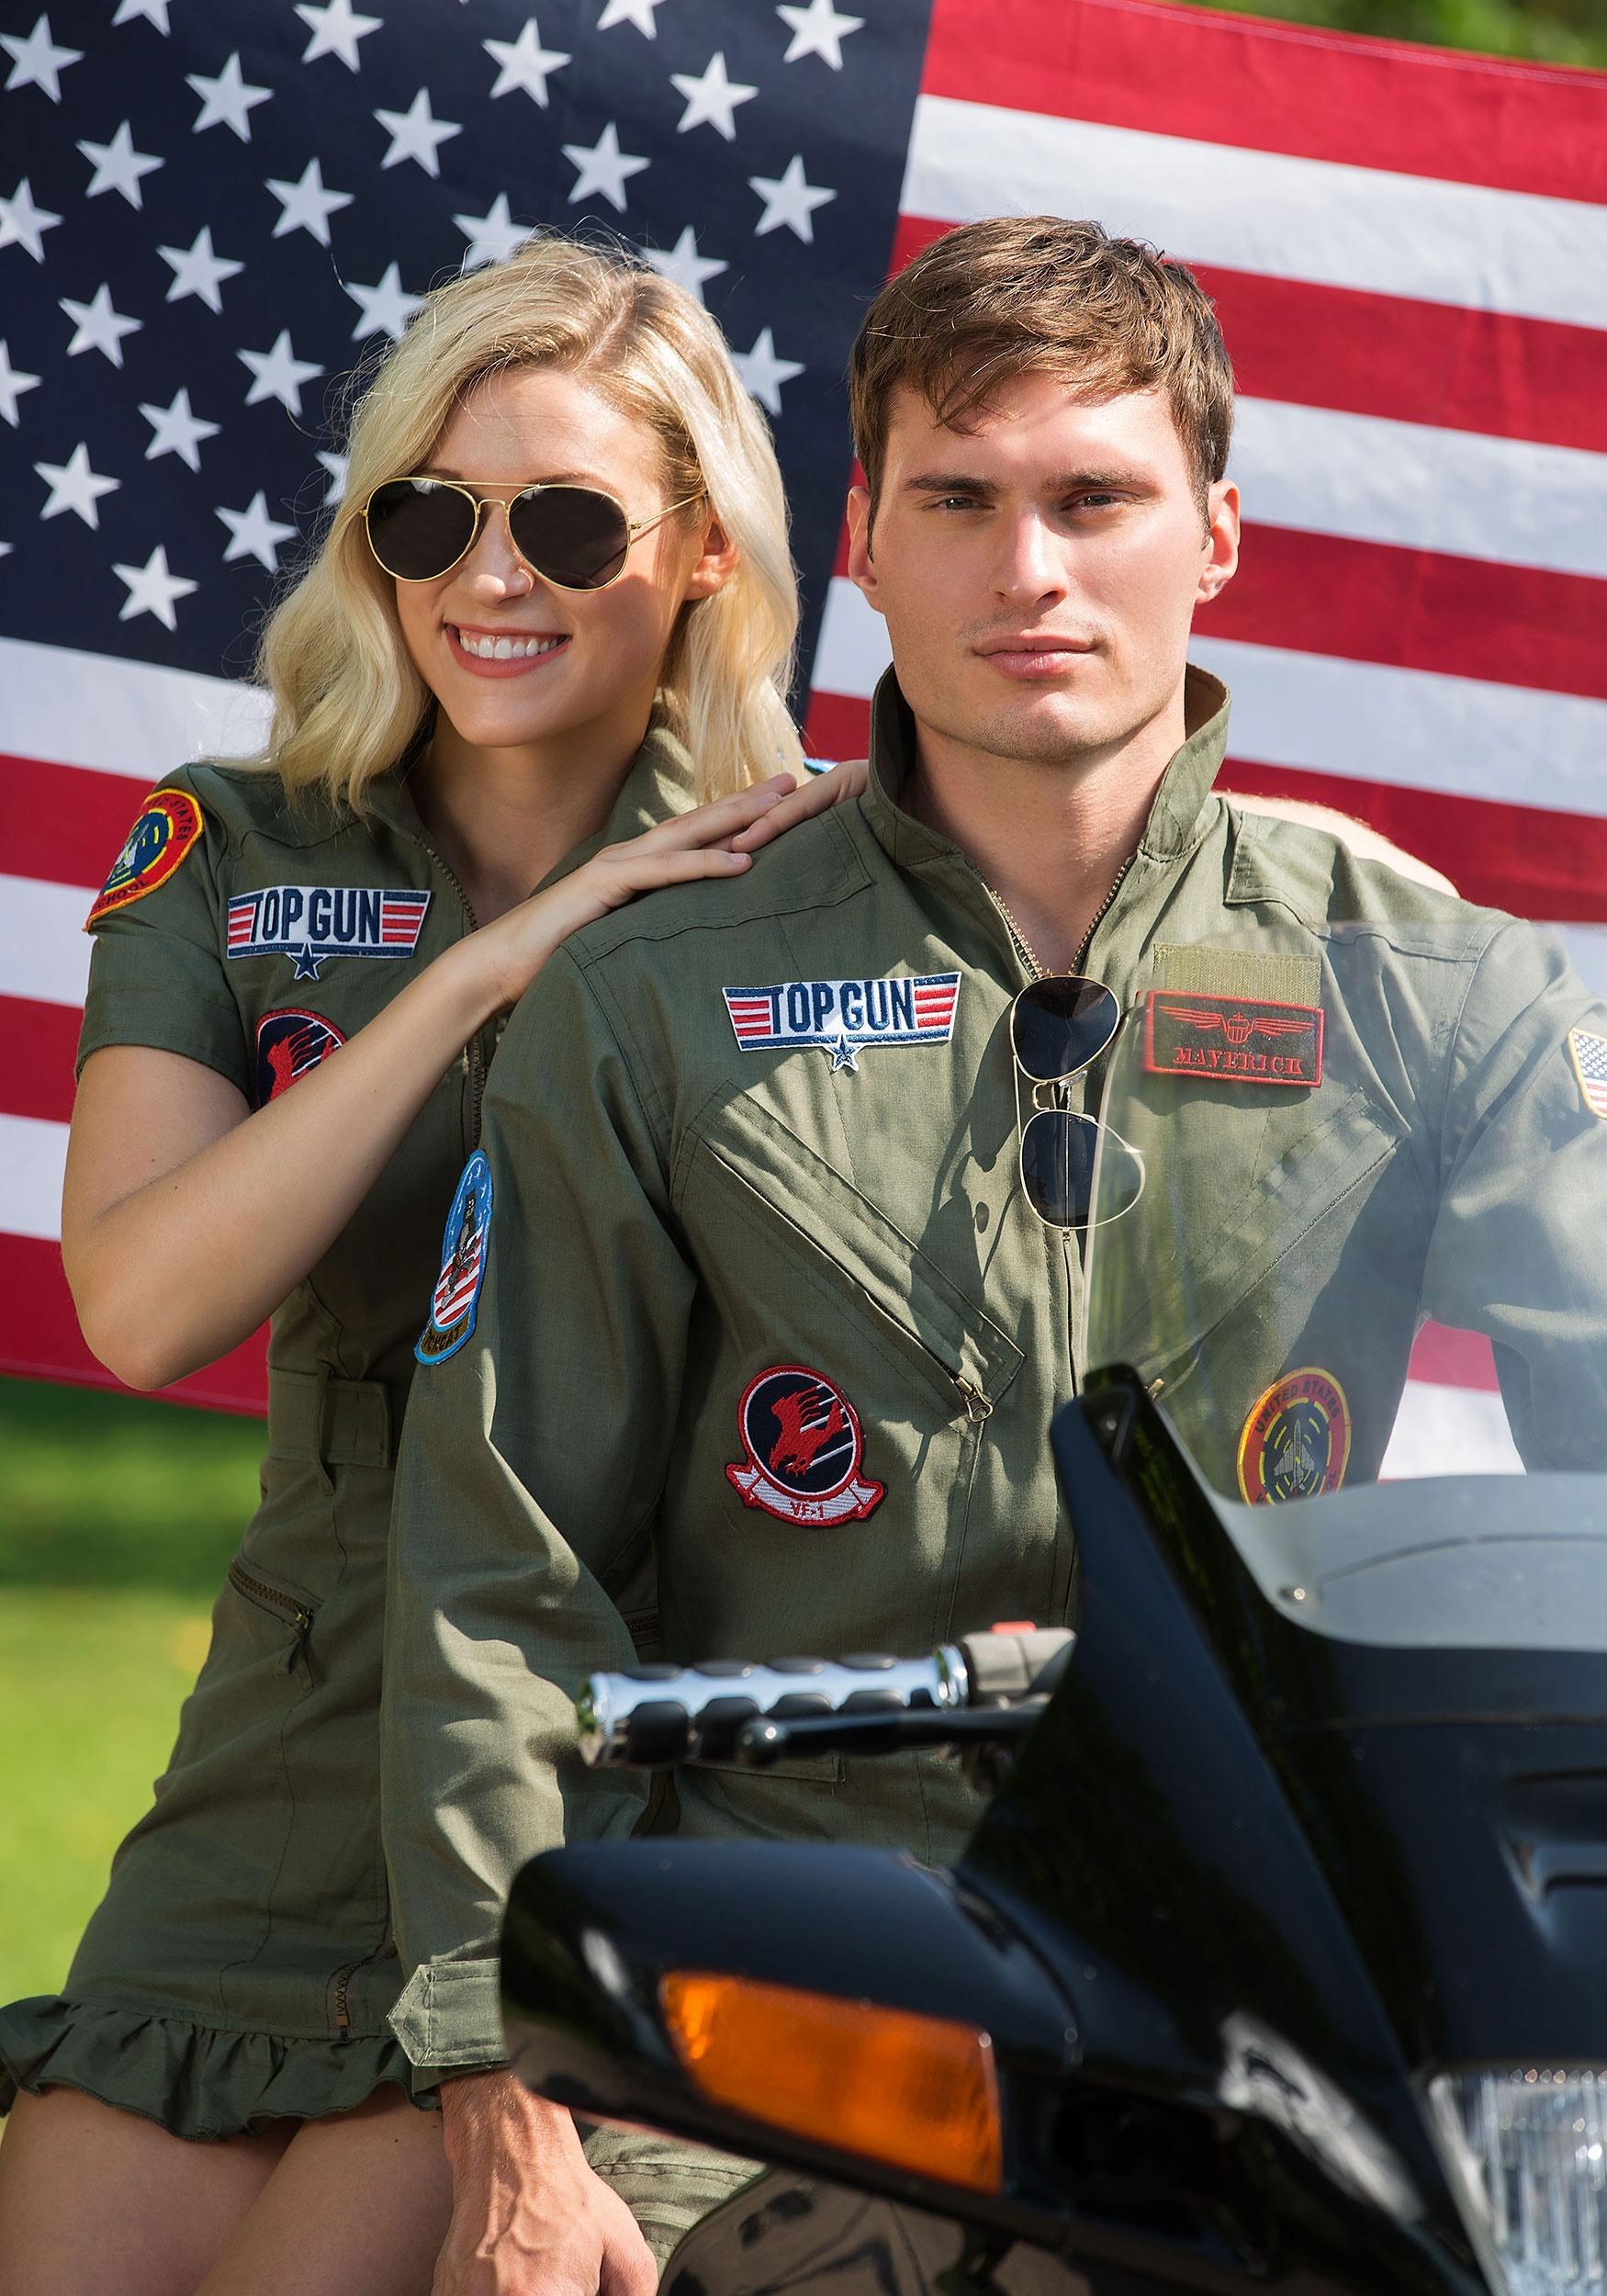 Top Gun Flight Dress Costume For Women-1658